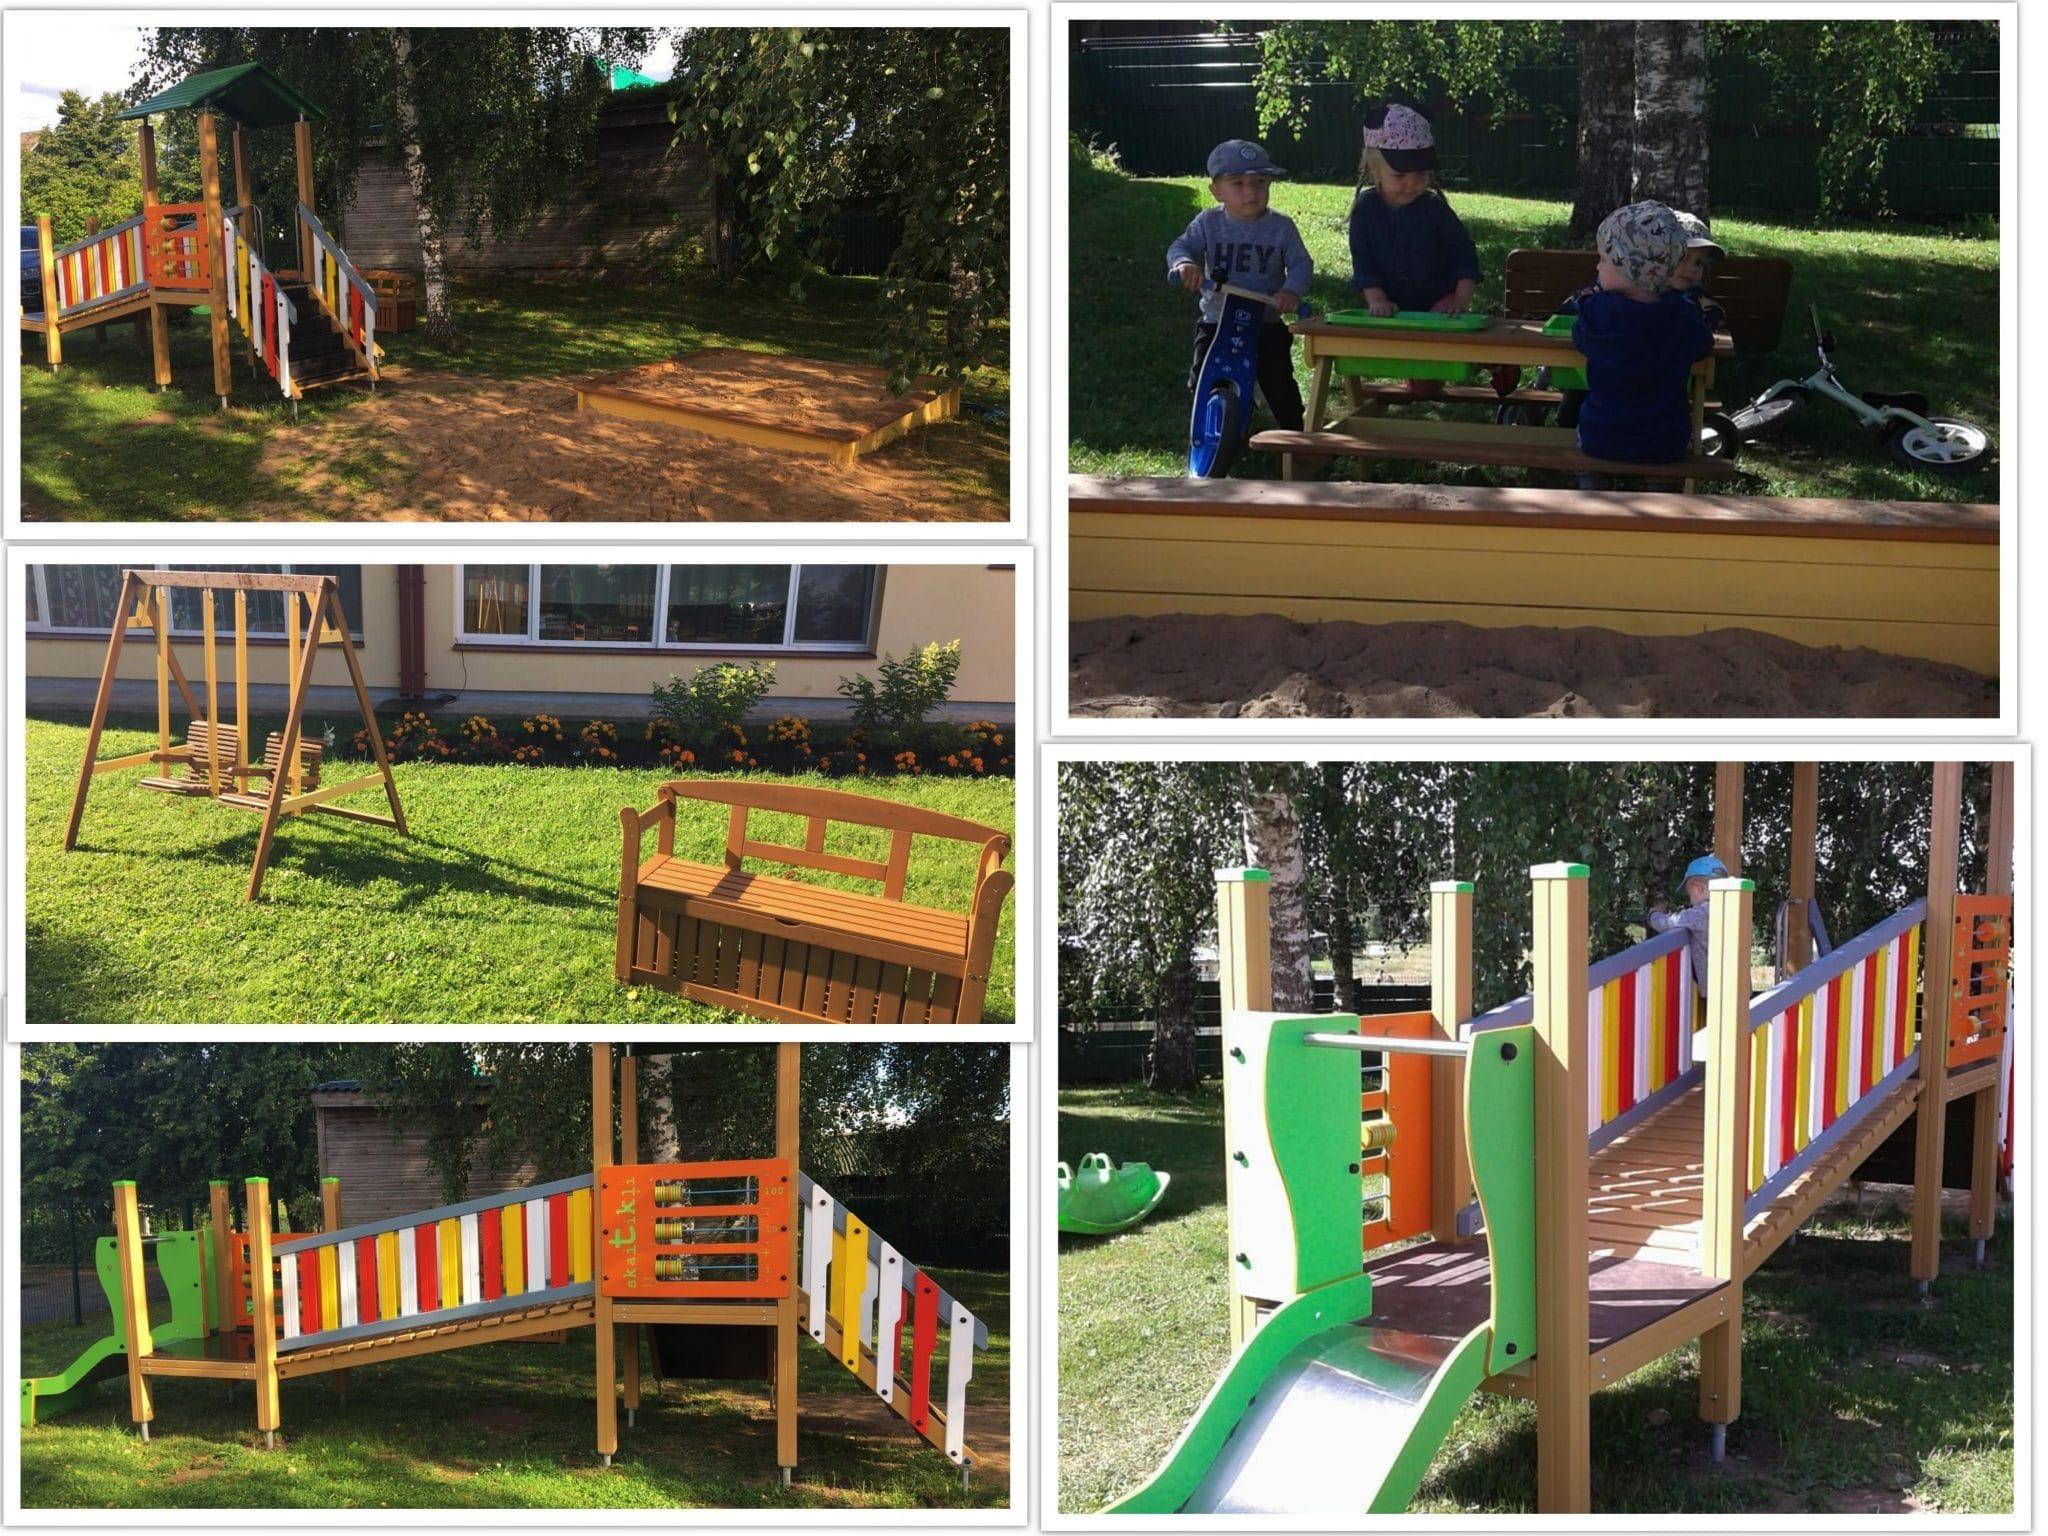 Launkalnes sākumskolas pirmsskolas izglītības grupu rotaļu laukumos uzstādītas jaunas iekārtas